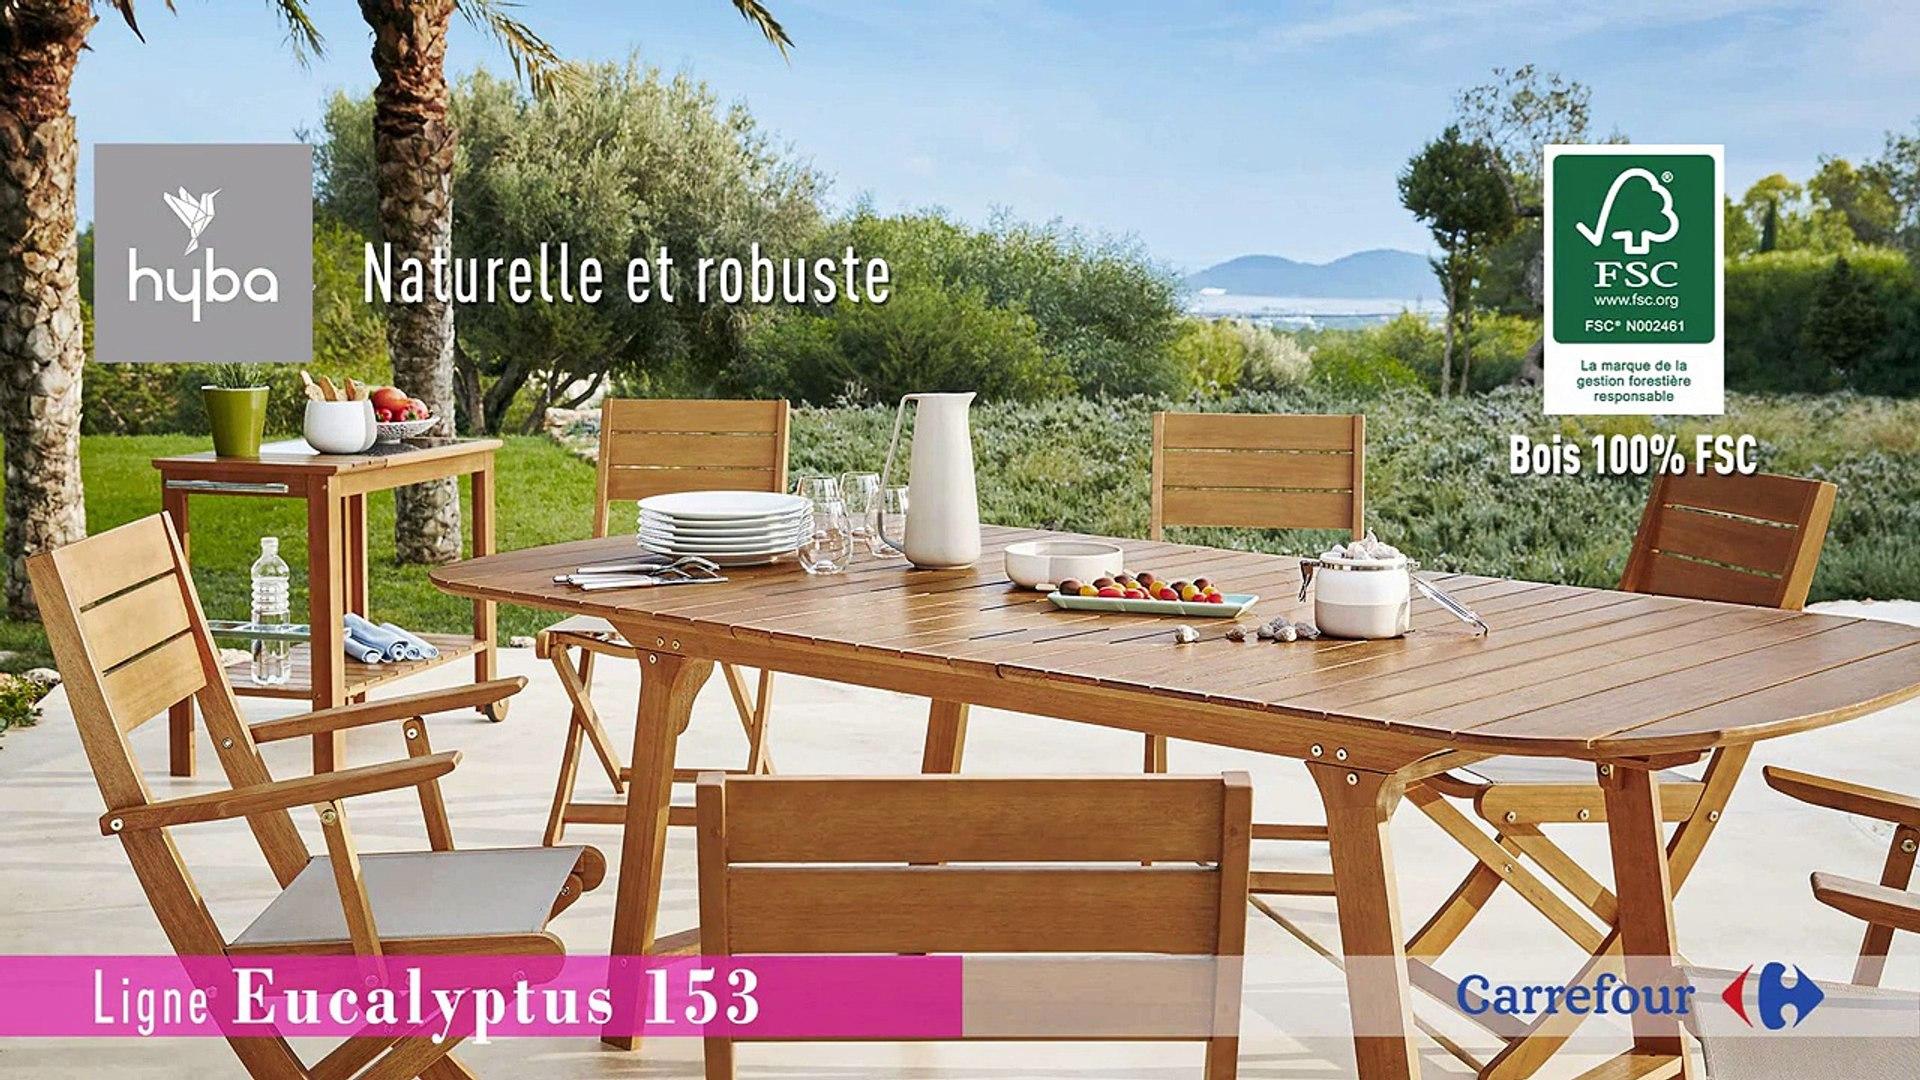 Collection Mobilier de Jardin 2016 Hyba chez Carrefour : La ligne Eucalyptus